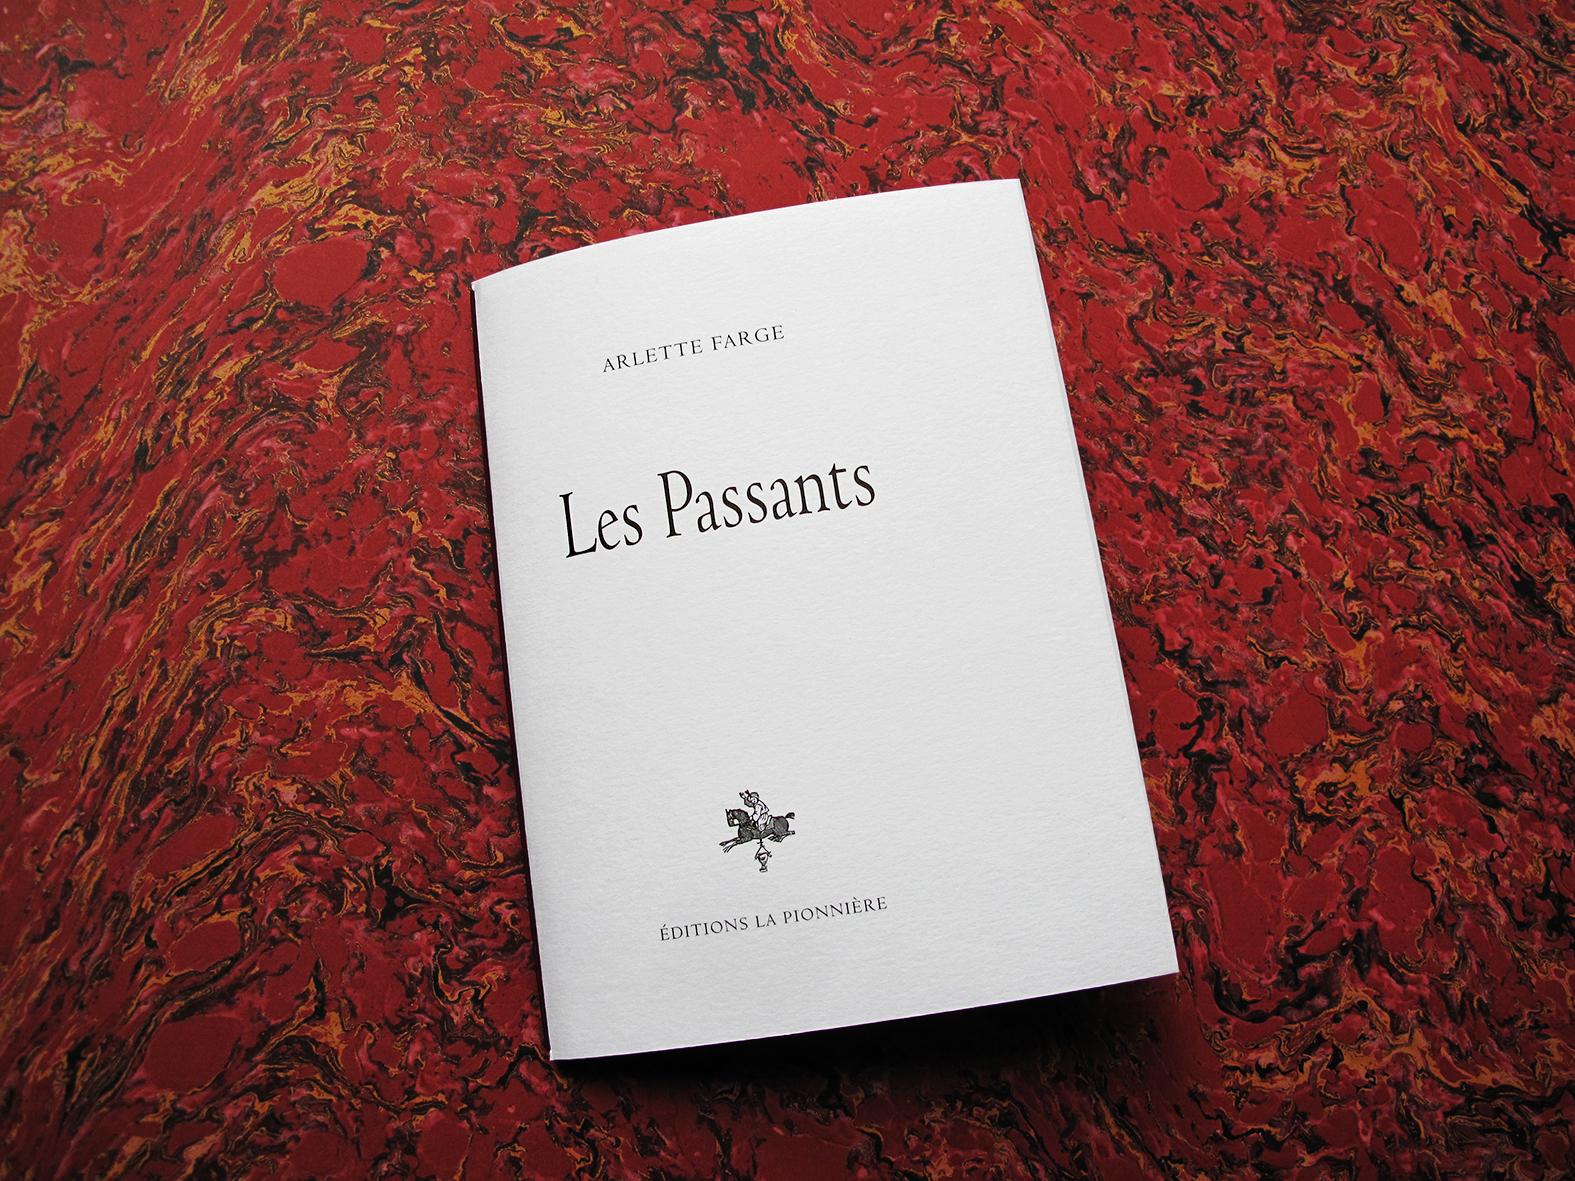 Les Passants - Arlette farge - Editions la Pionnière 13 €